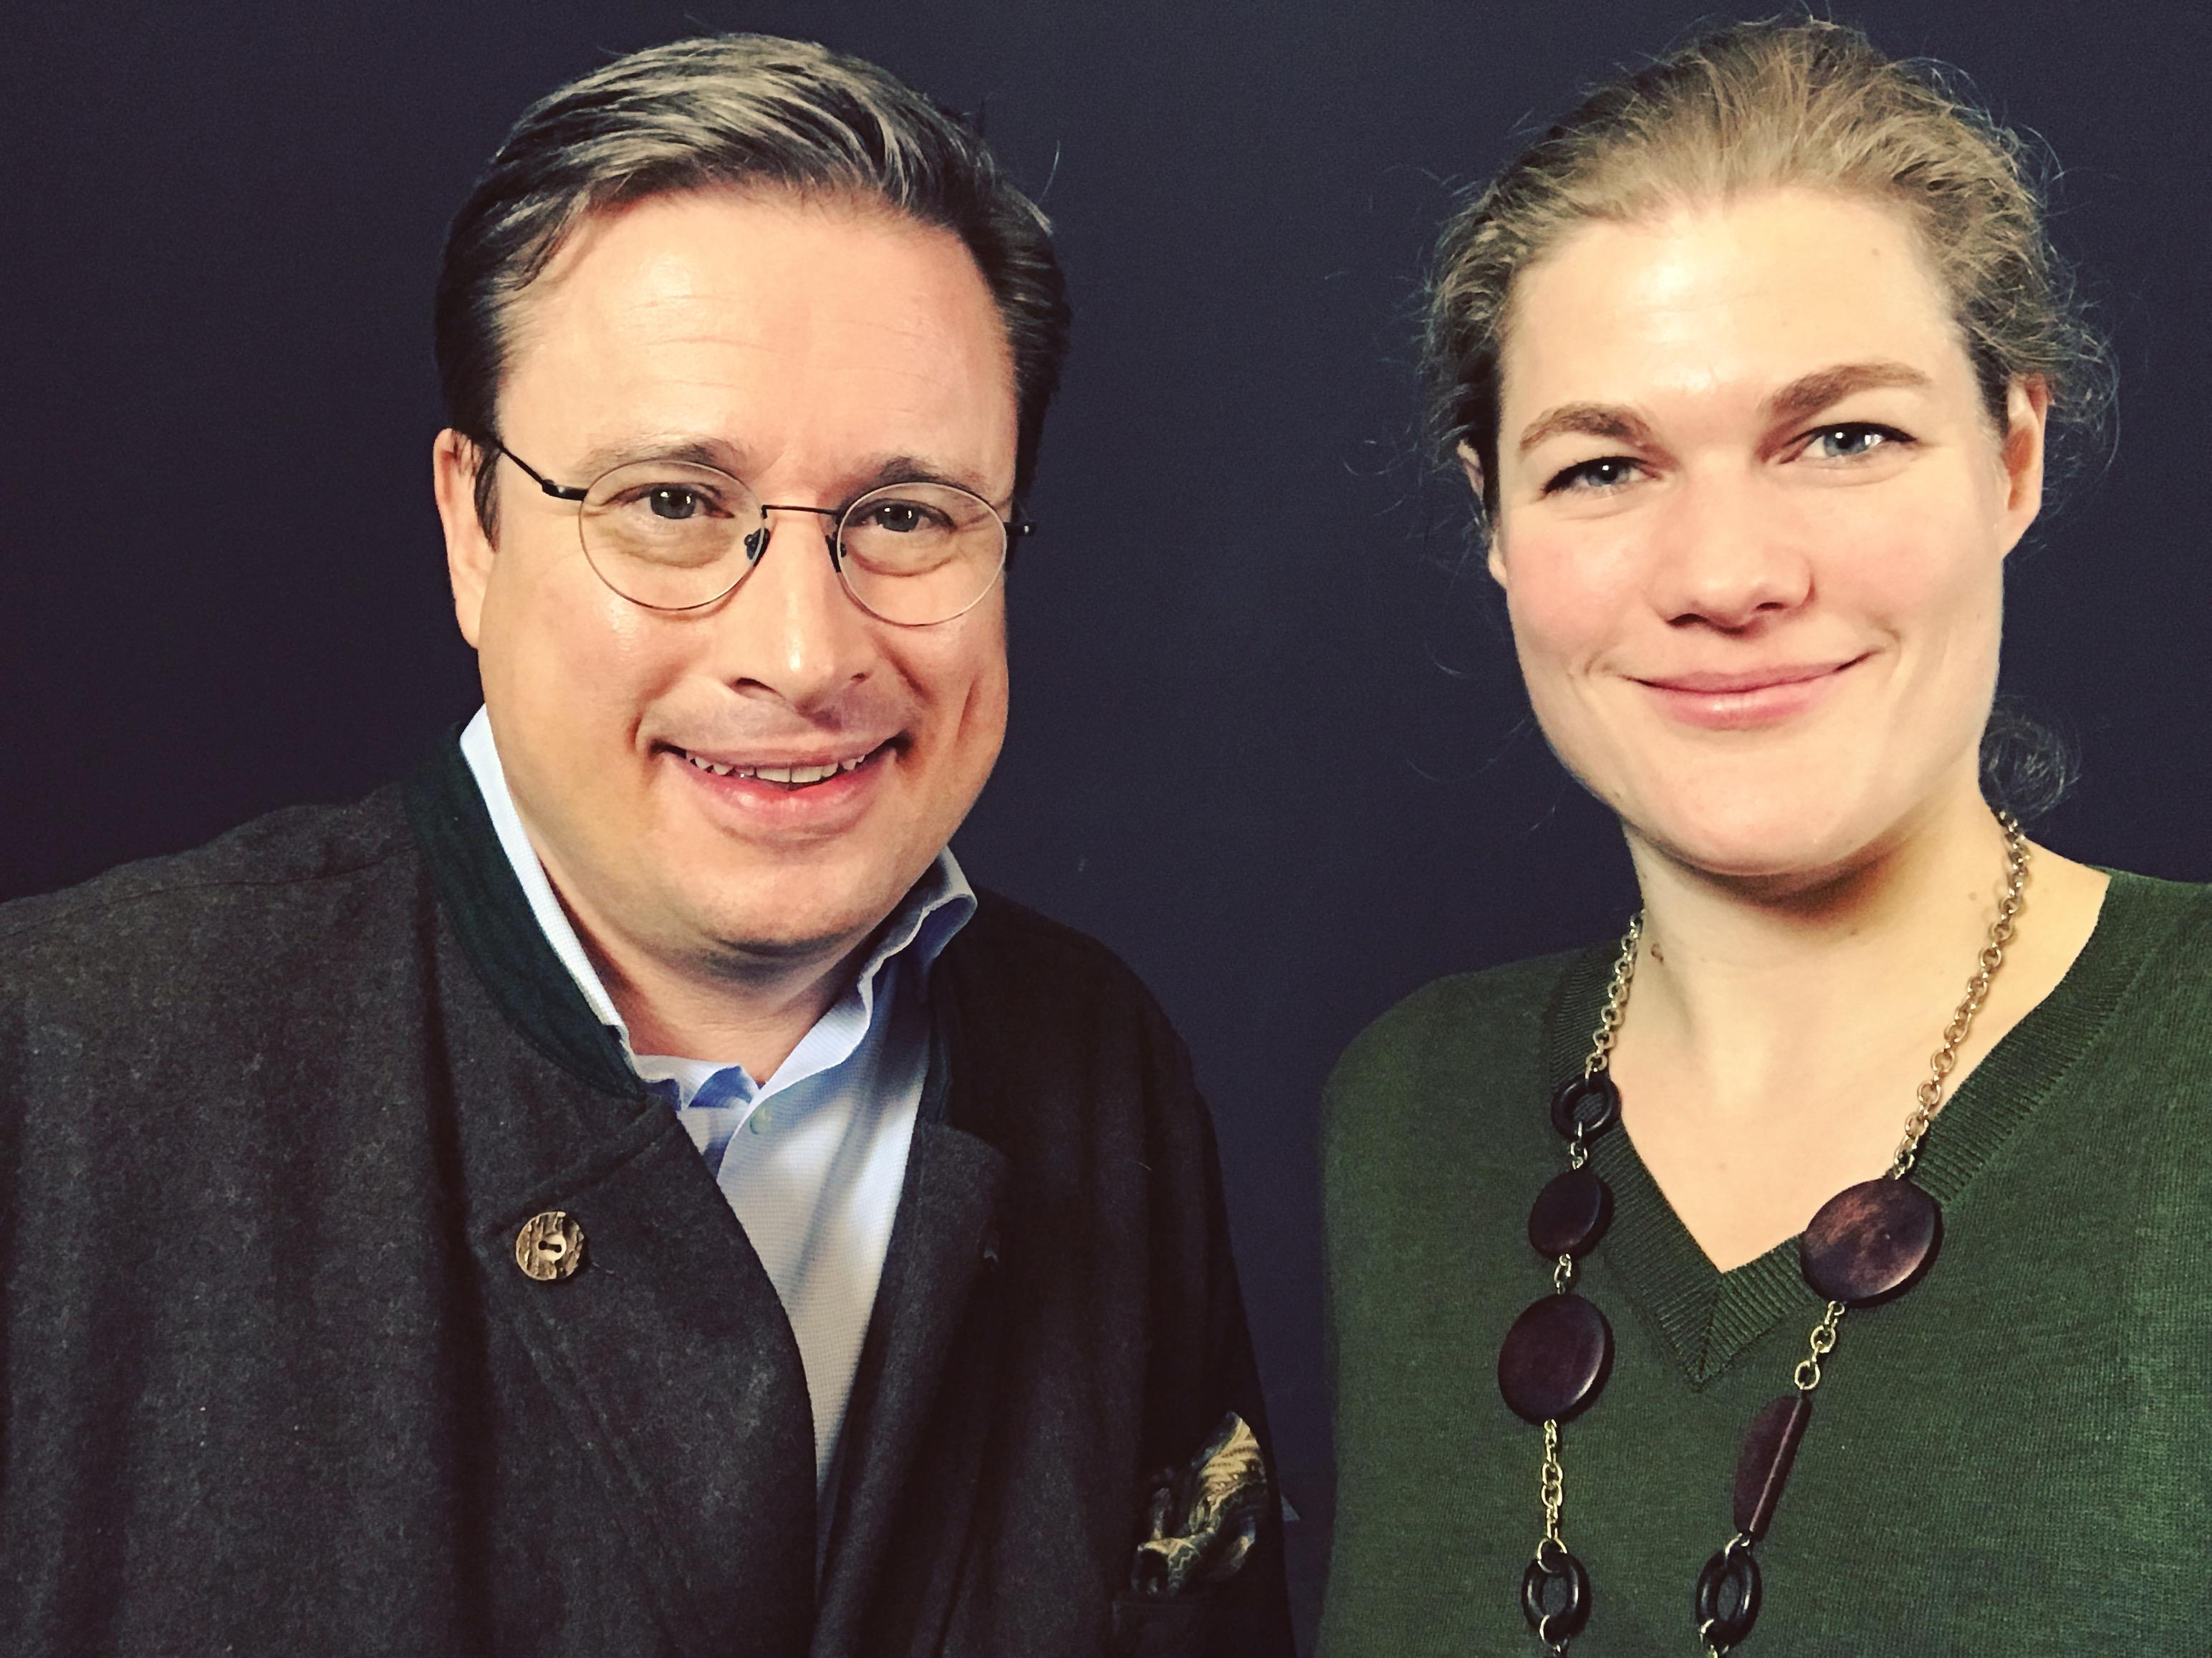 Boris von Chlebowski und Catharina van Delden – ein Interview zu agilen Methoden in Staat und Verwaltung.